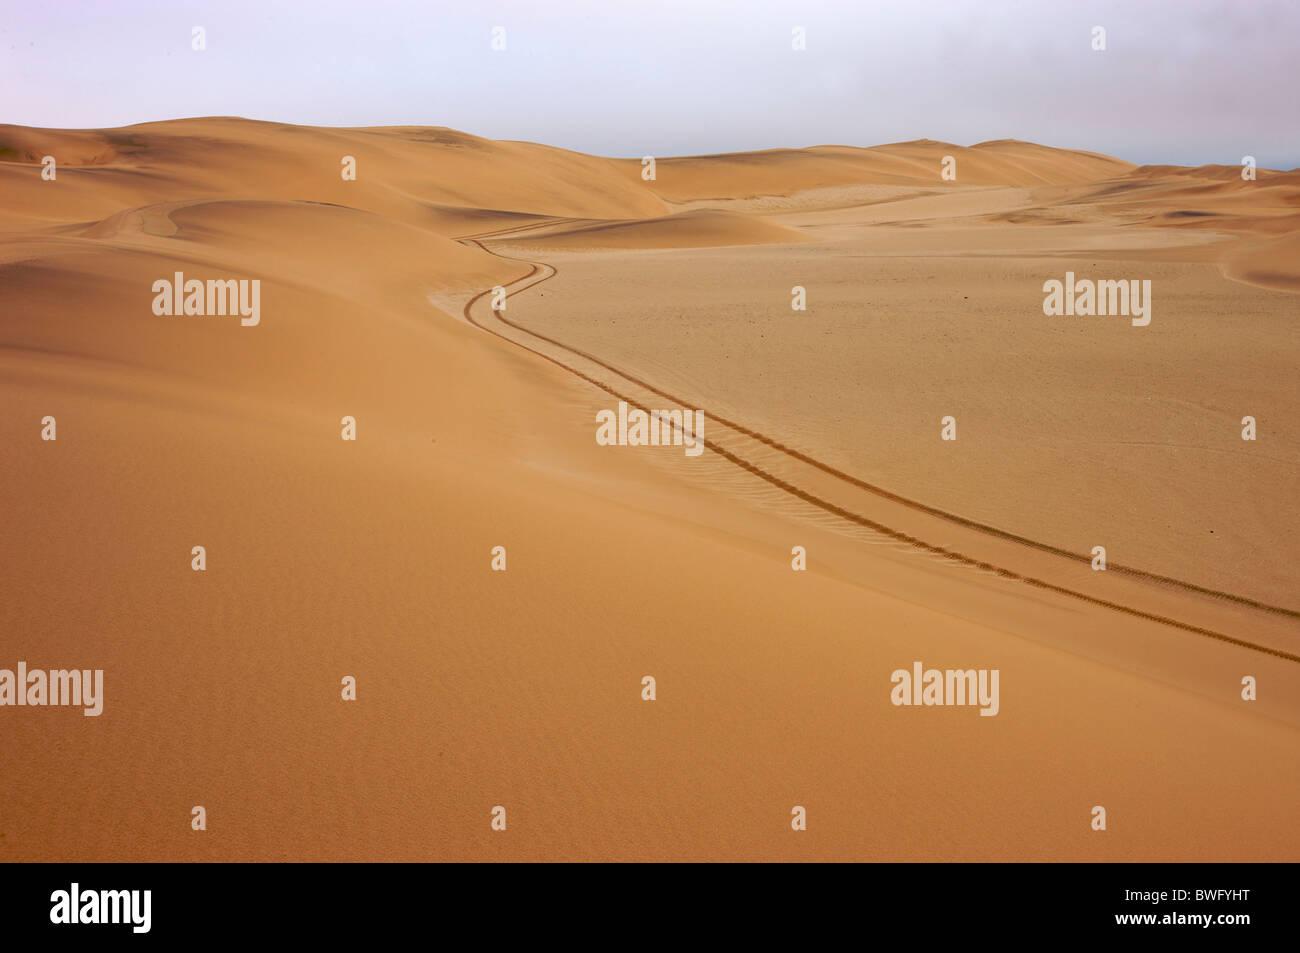 Tire tracks through Namib Desert, Namibia - Stock Image